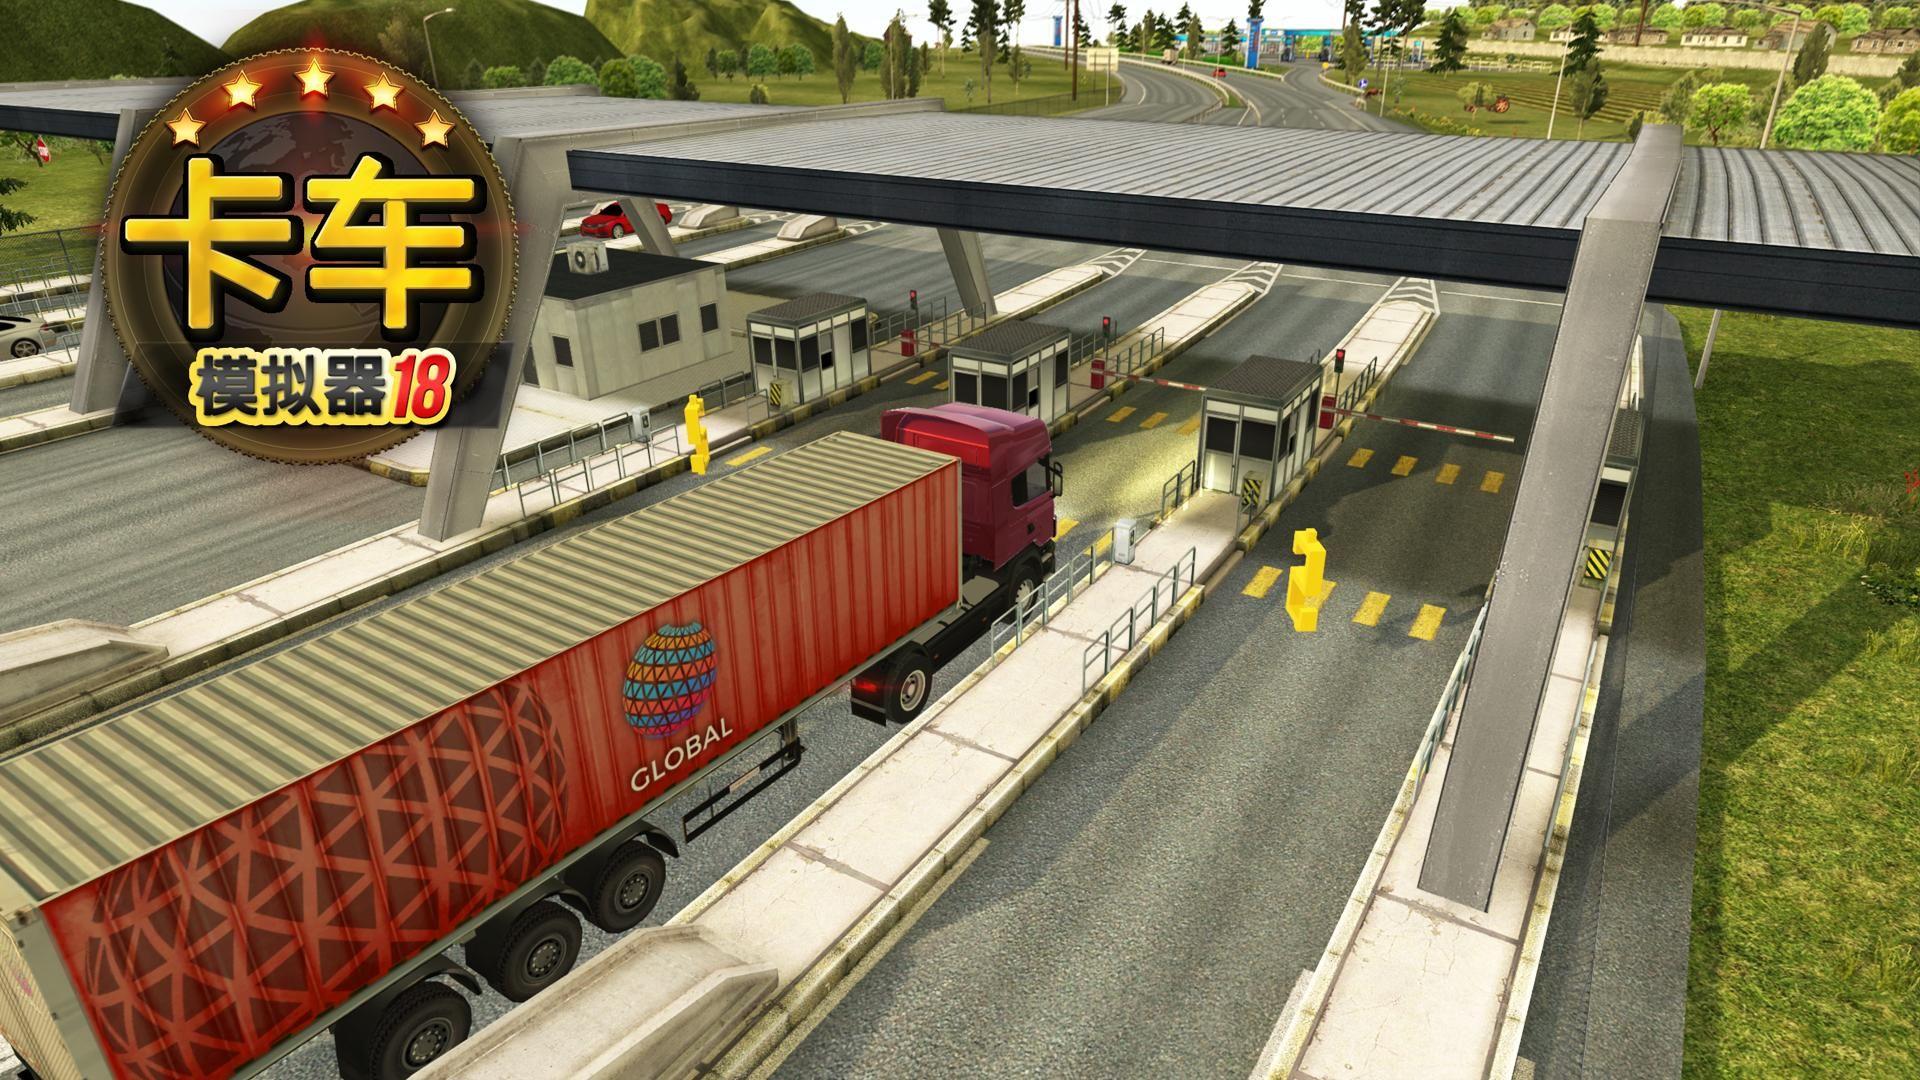 卡车模拟器2018年 - Truck Simulator 2018 : Europe 游戏截图1